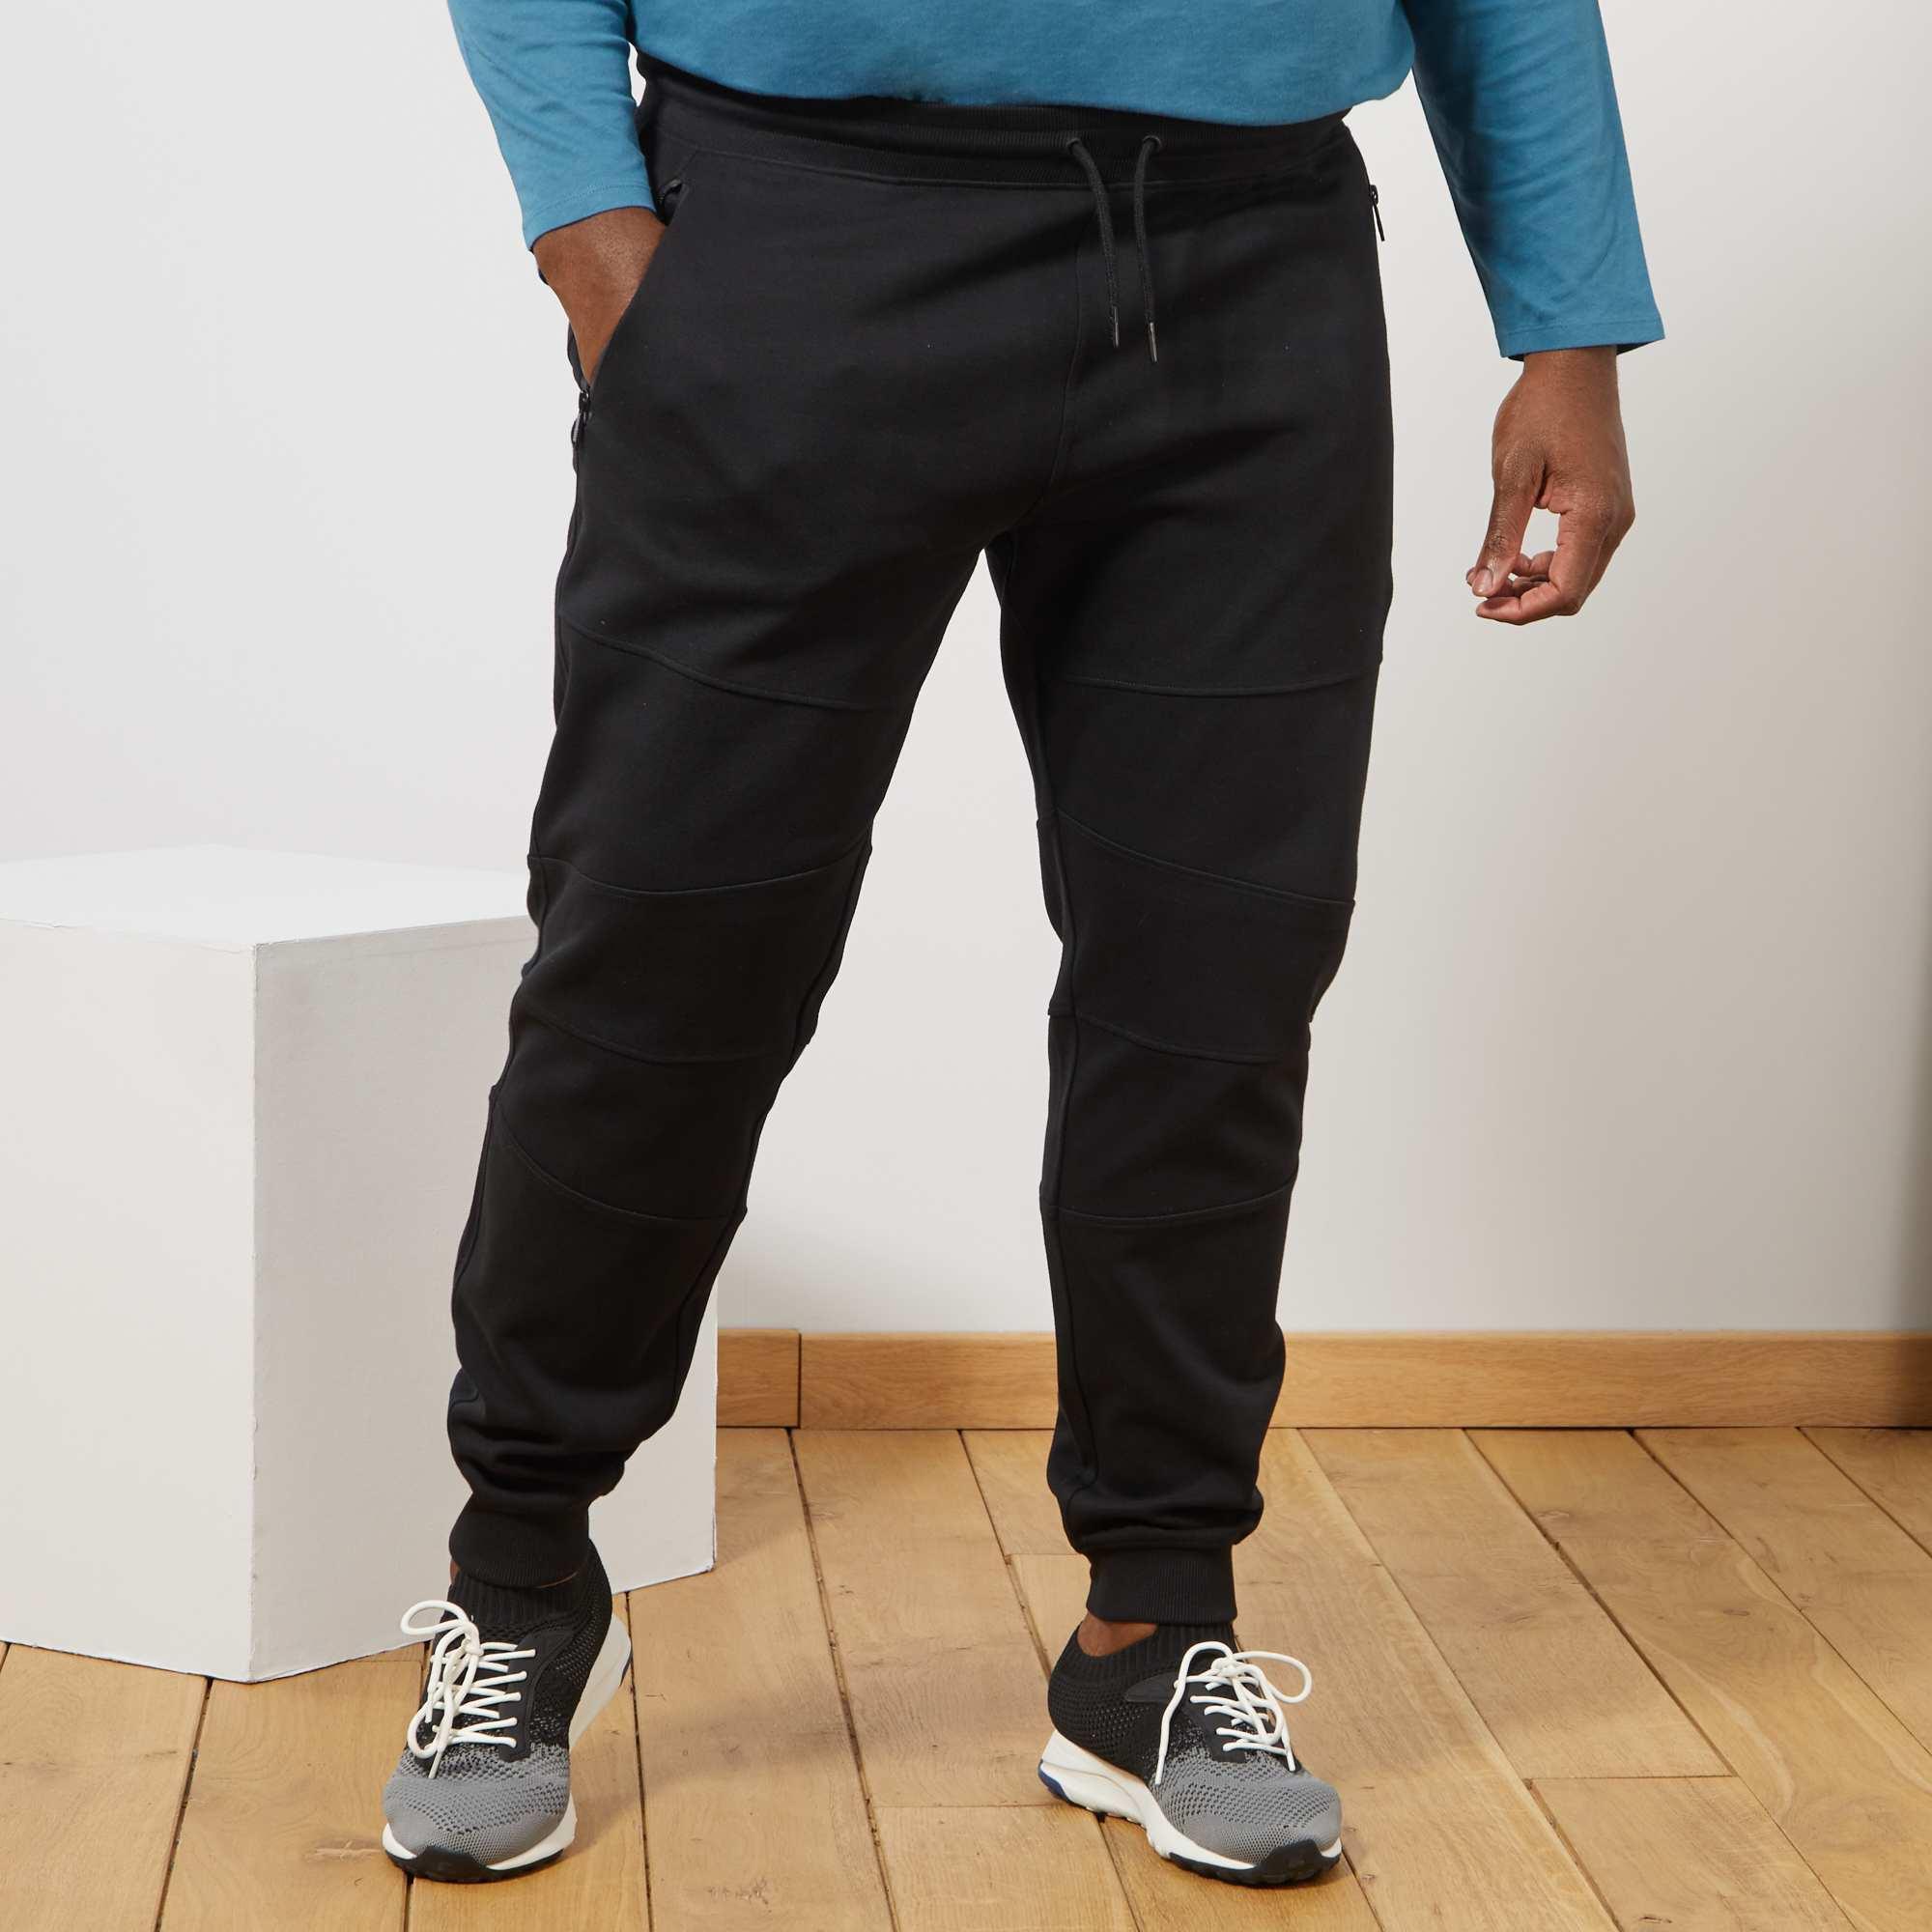 Couleur : noir, , ,, - Taille : 5XL, 4XL, 3XL,6XL,Un excellent basique revisité avec ses zips étanches à l'avant et ses découpes esprit